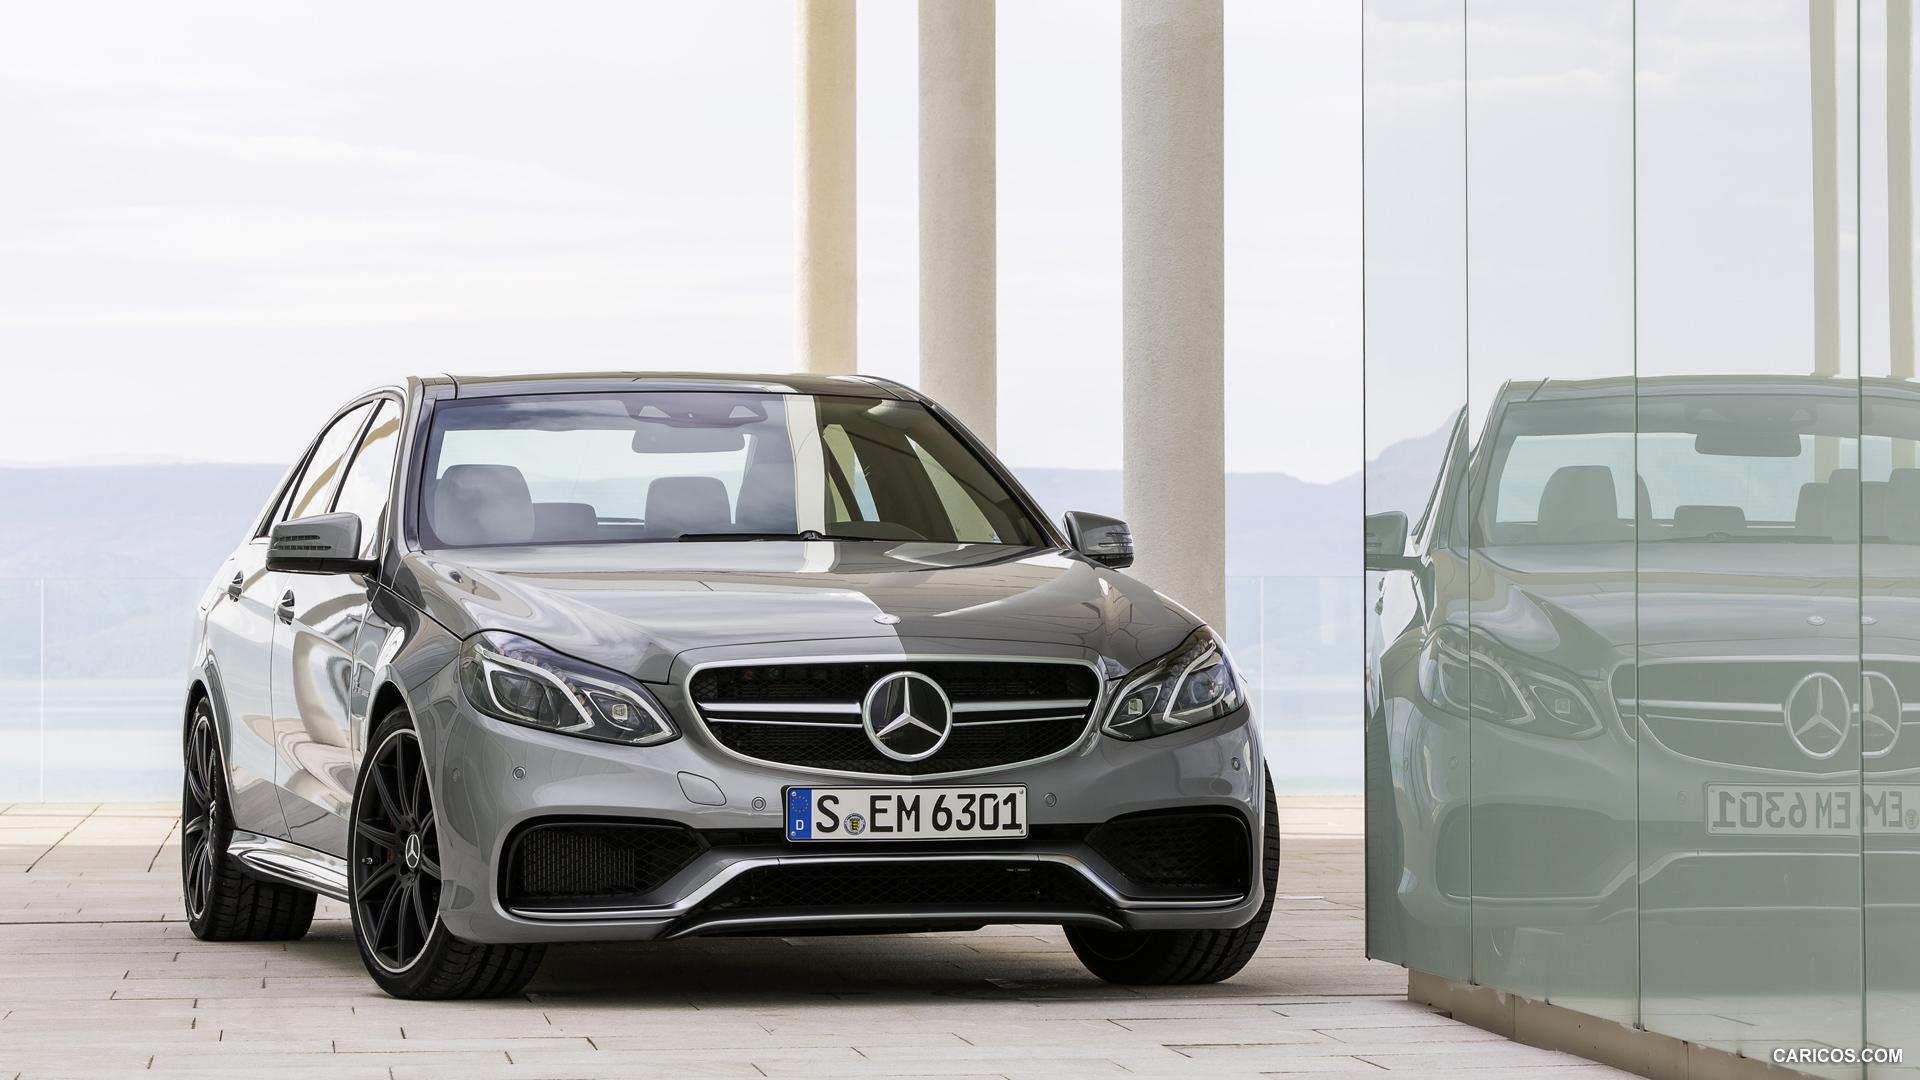 45435 скачать обои Транспорт, Машины, Мерседес (Mercedes) - заставки и картинки бесплатно